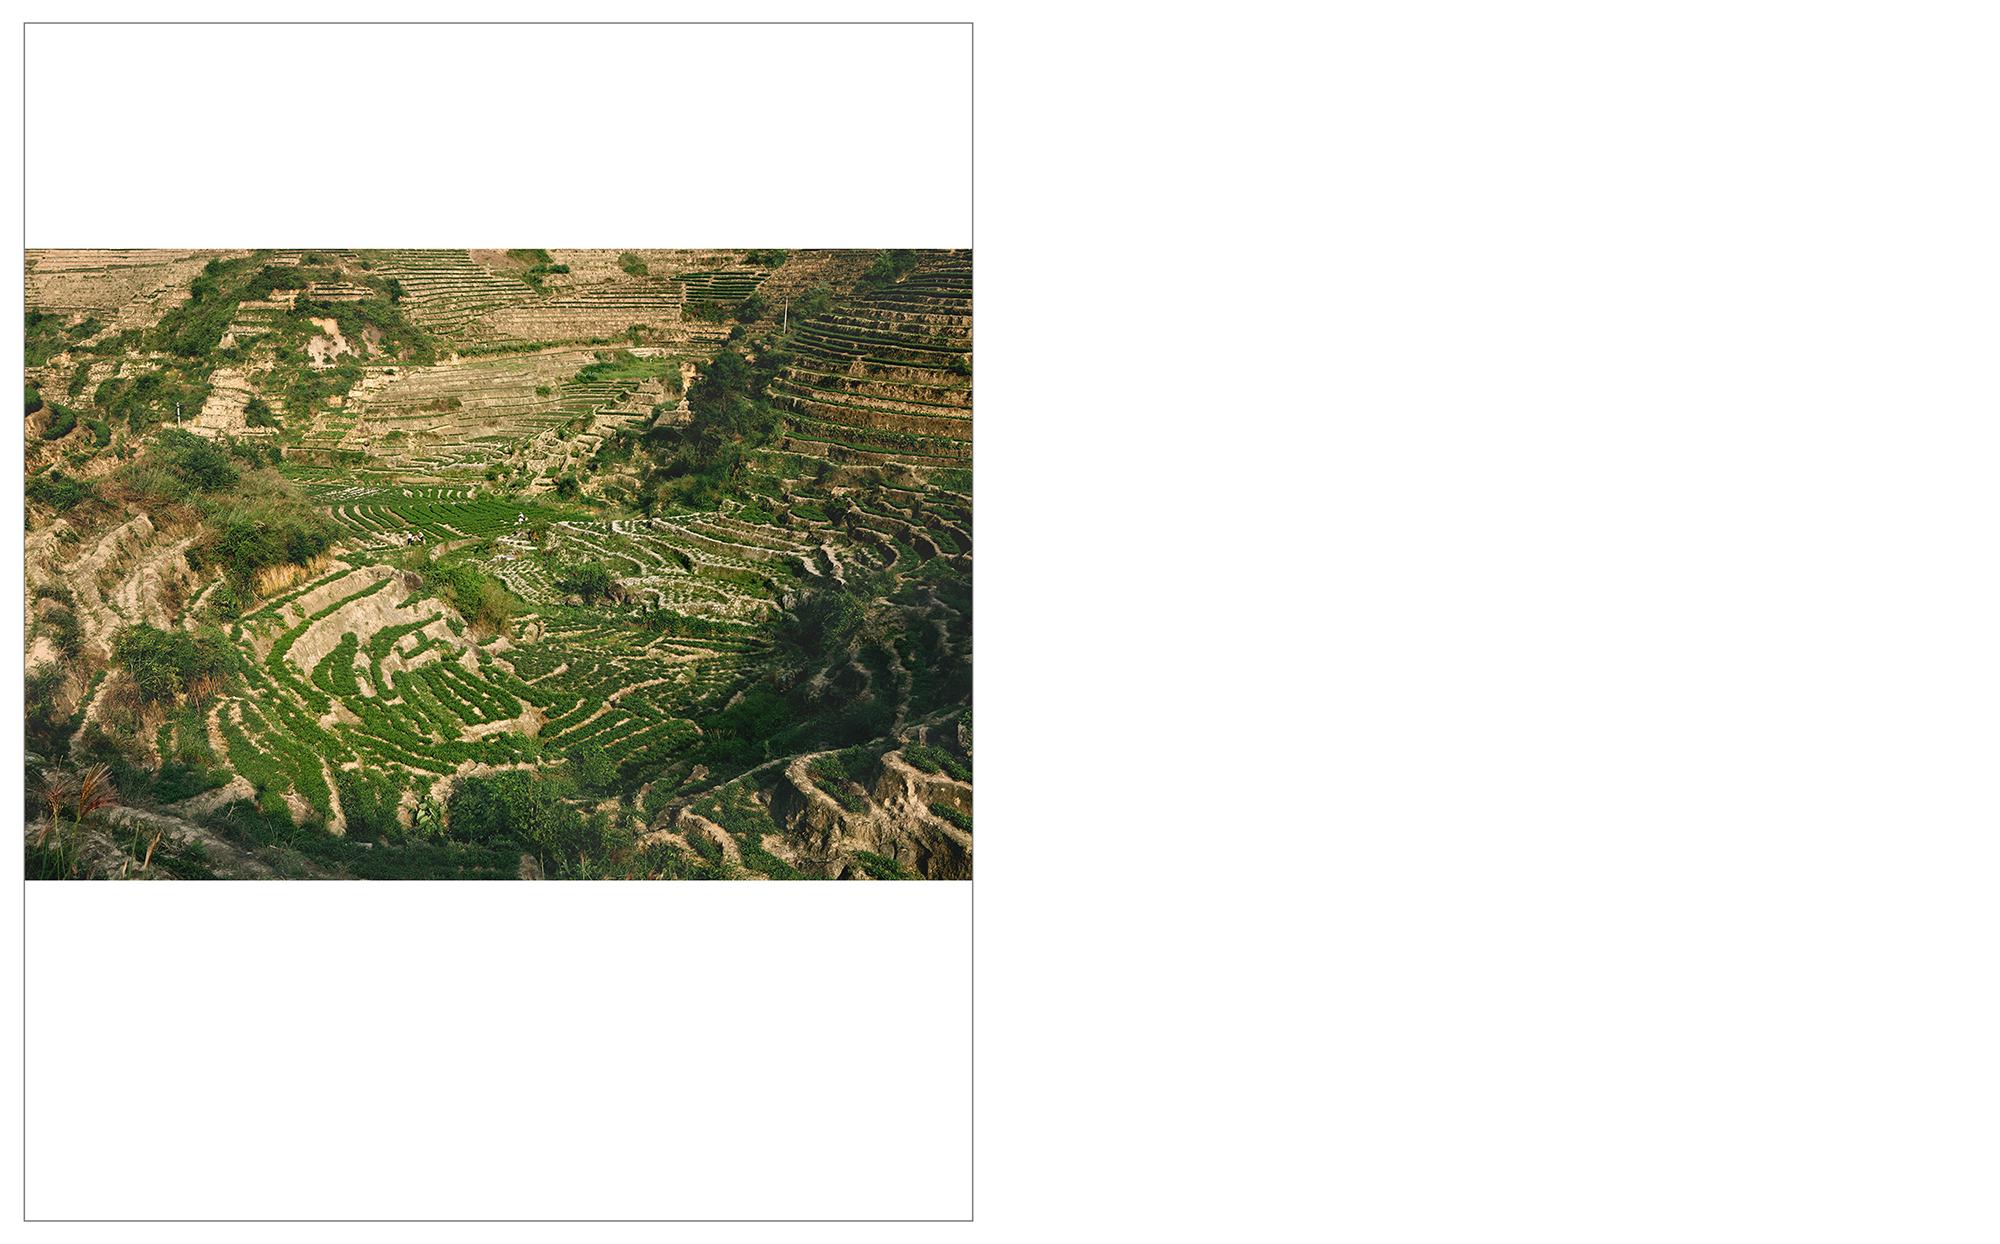 Tea Field - Gande, Fujian Province    info